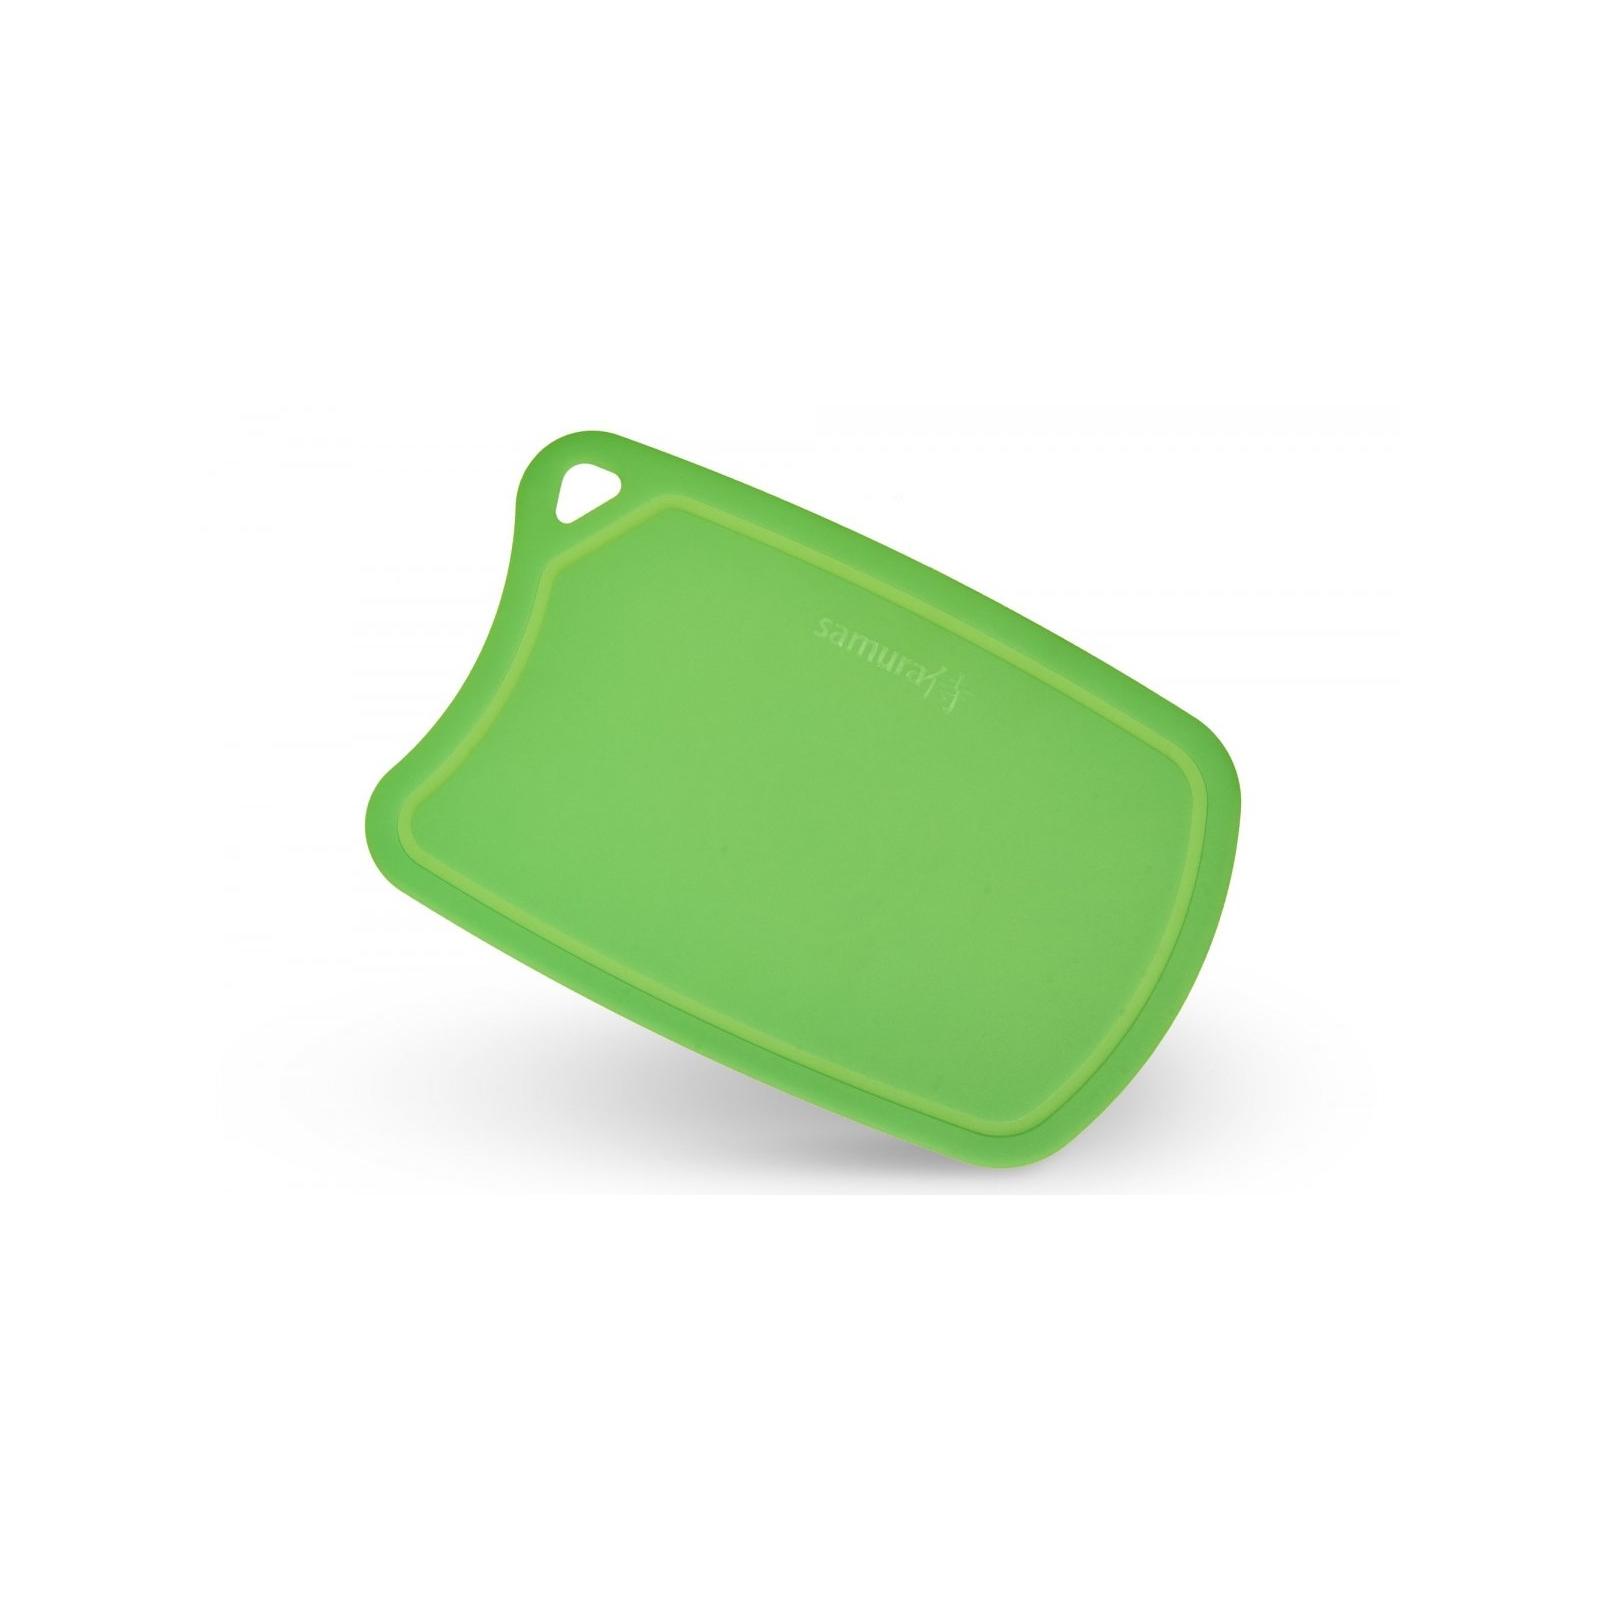 Samura termoplastikust lõikelaud, roheline